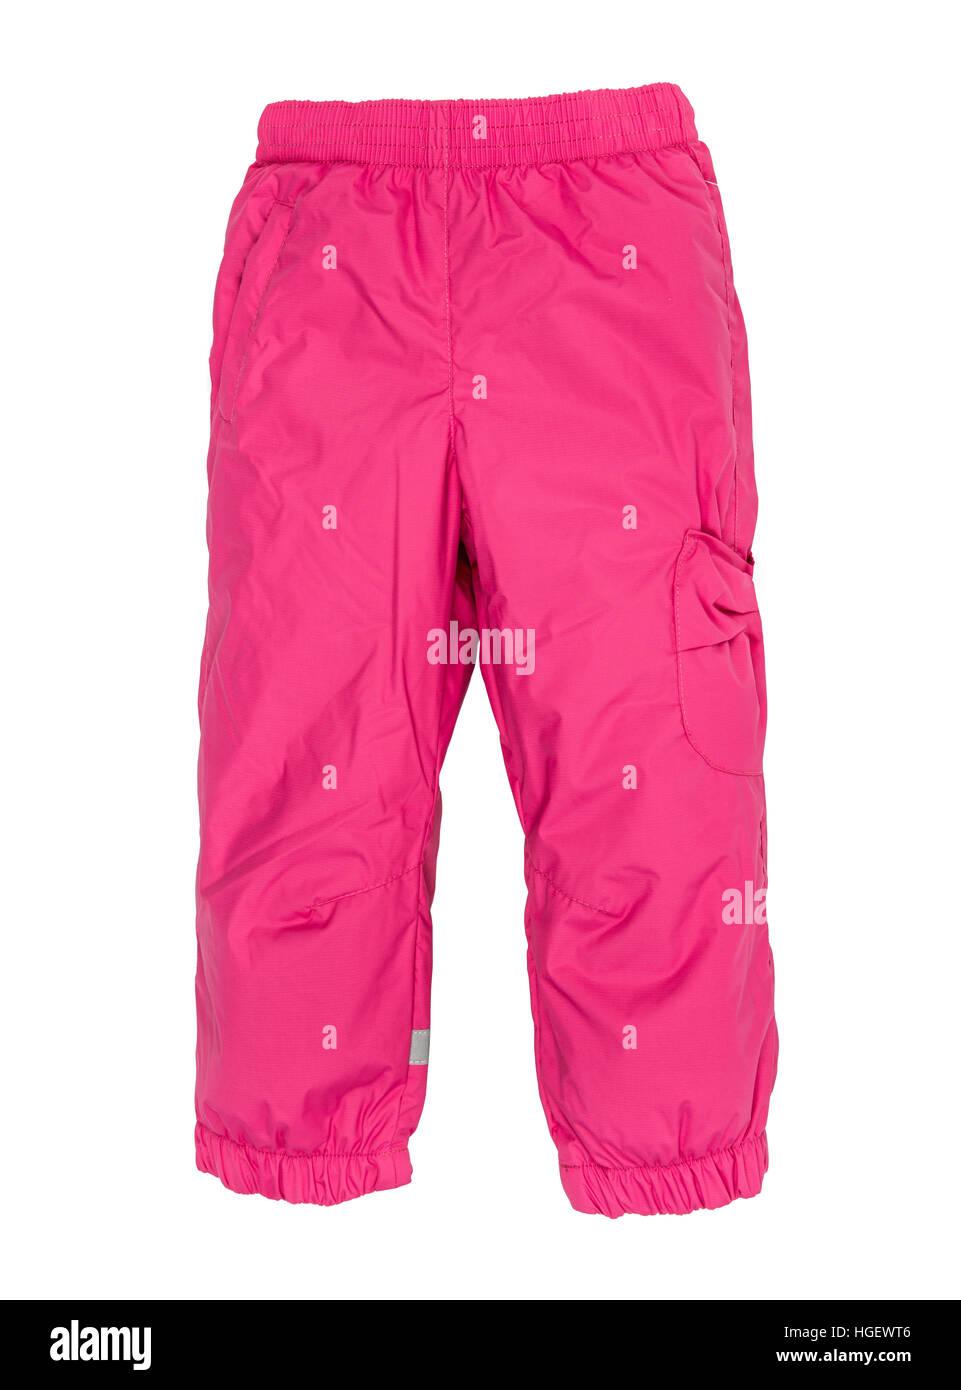 Warm pants isolated on white background - Stock Image